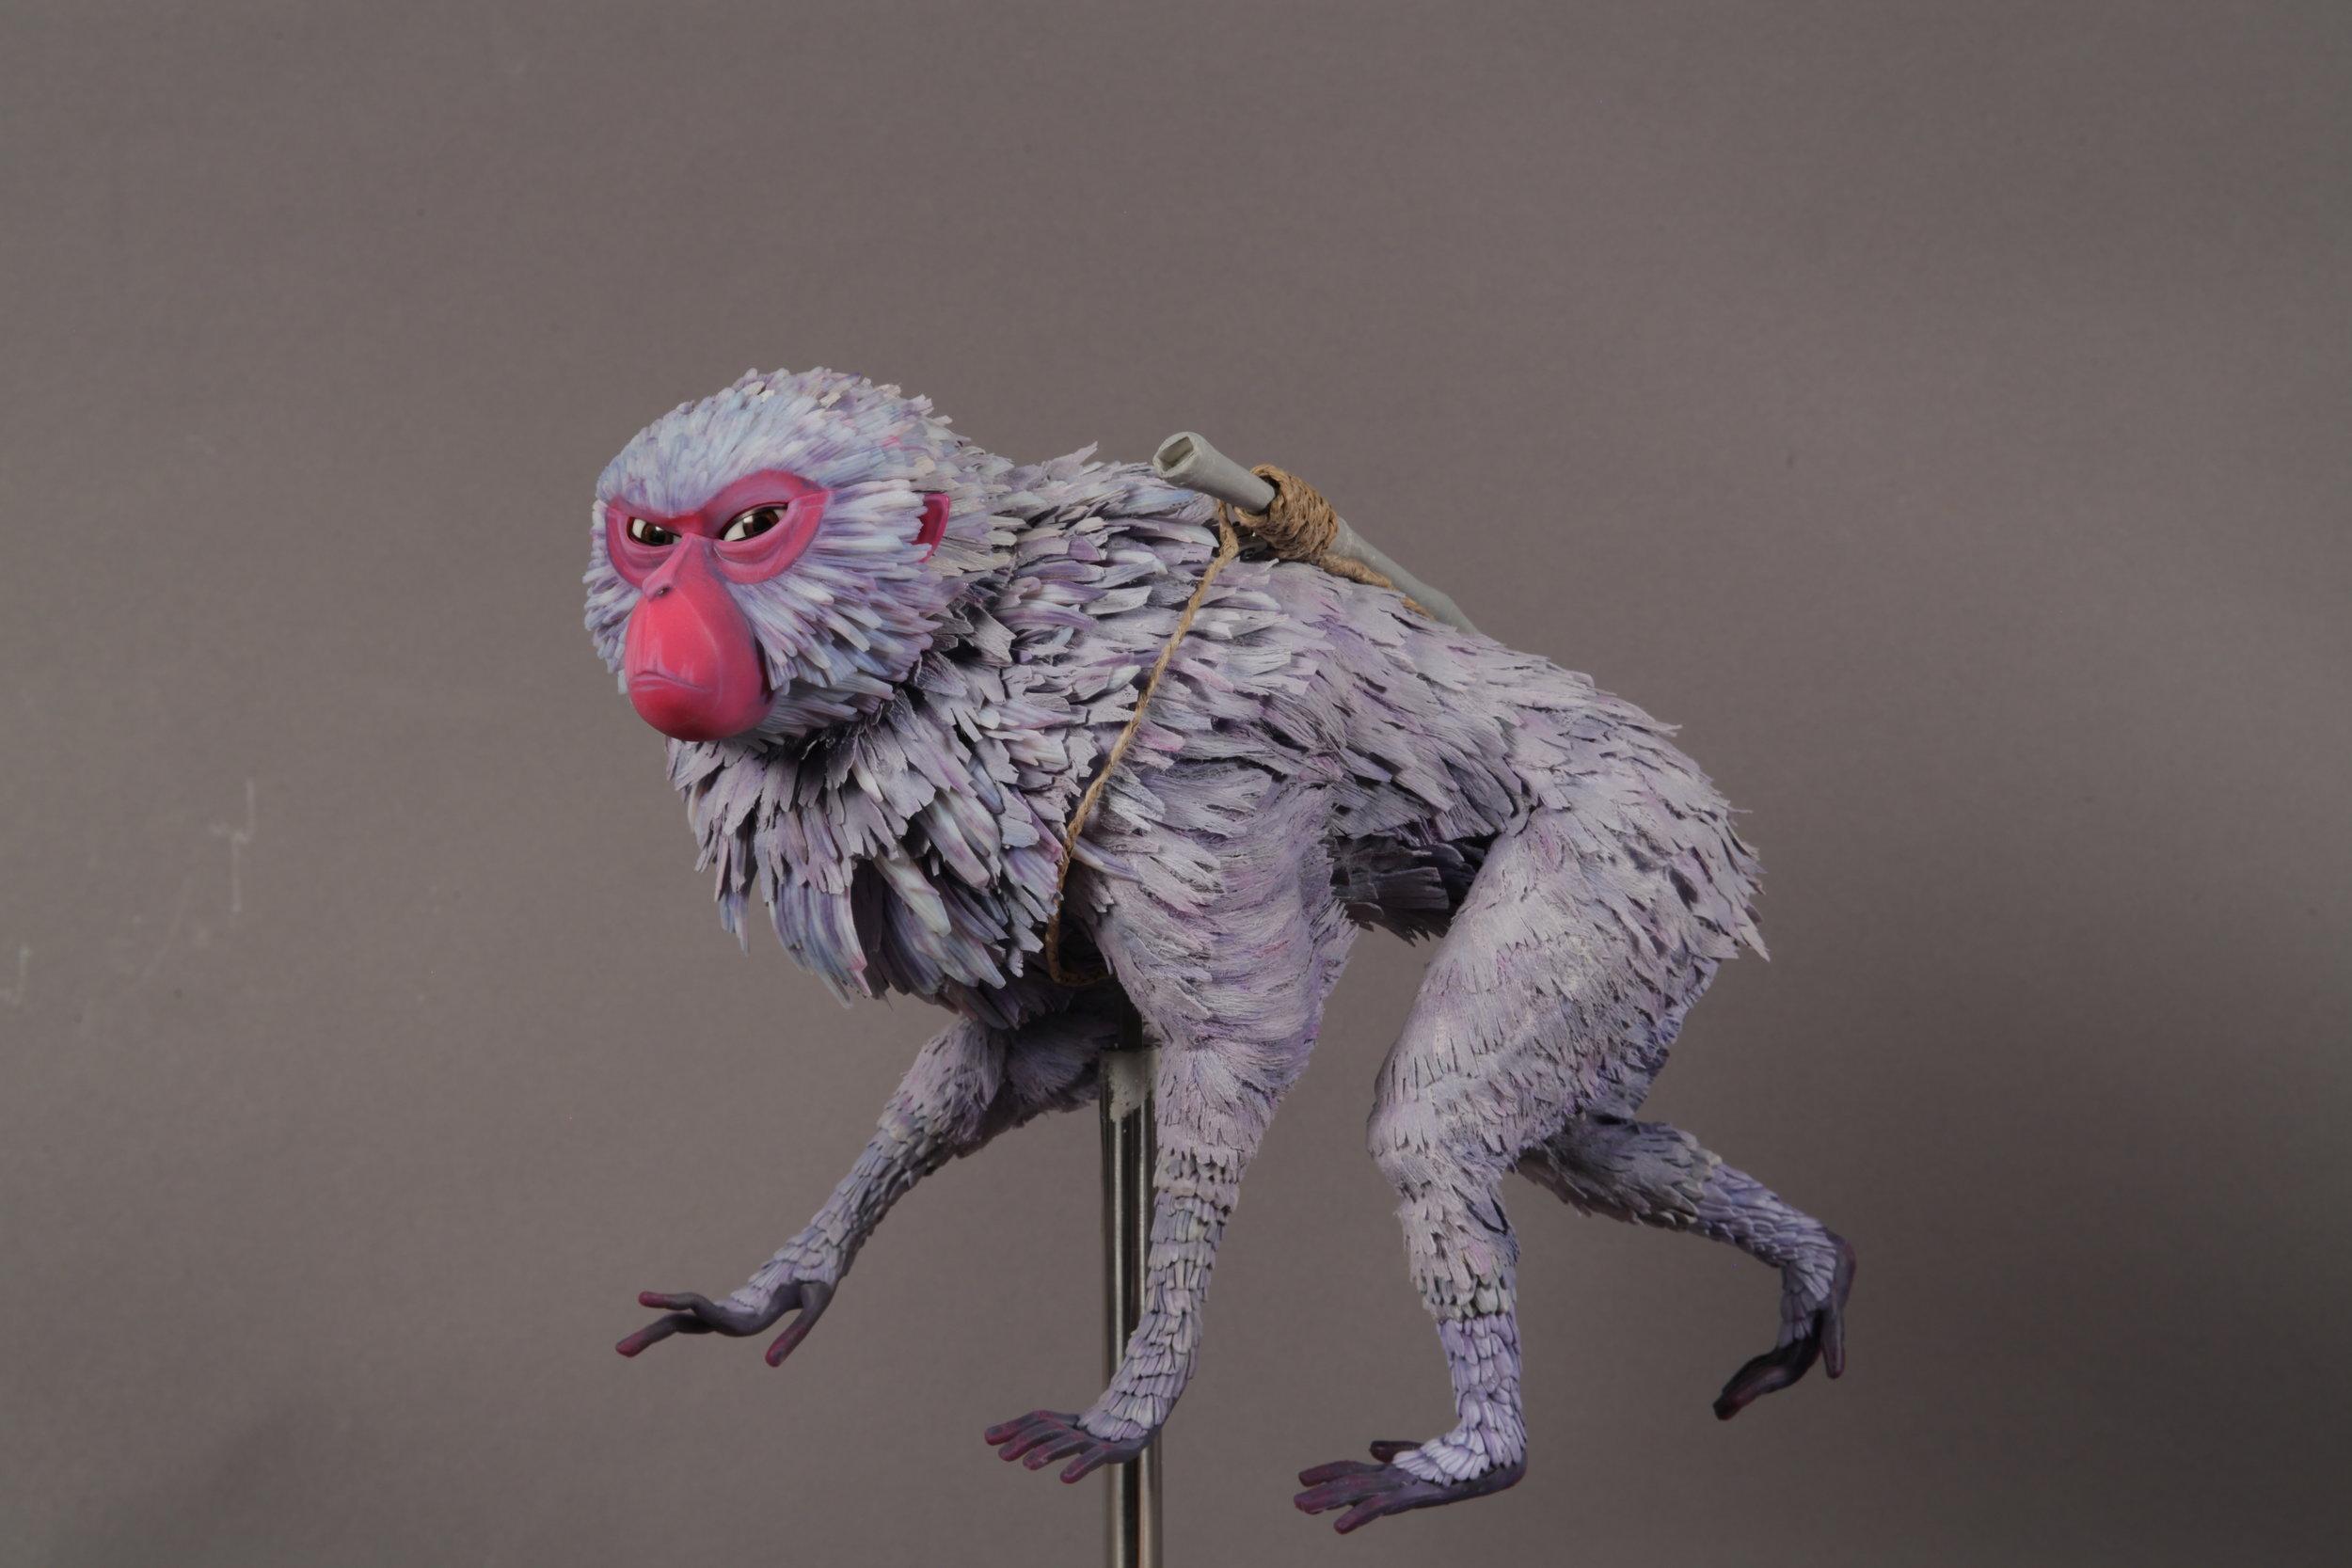 monkey-paint_paint-photo_001_L_0013.jpg